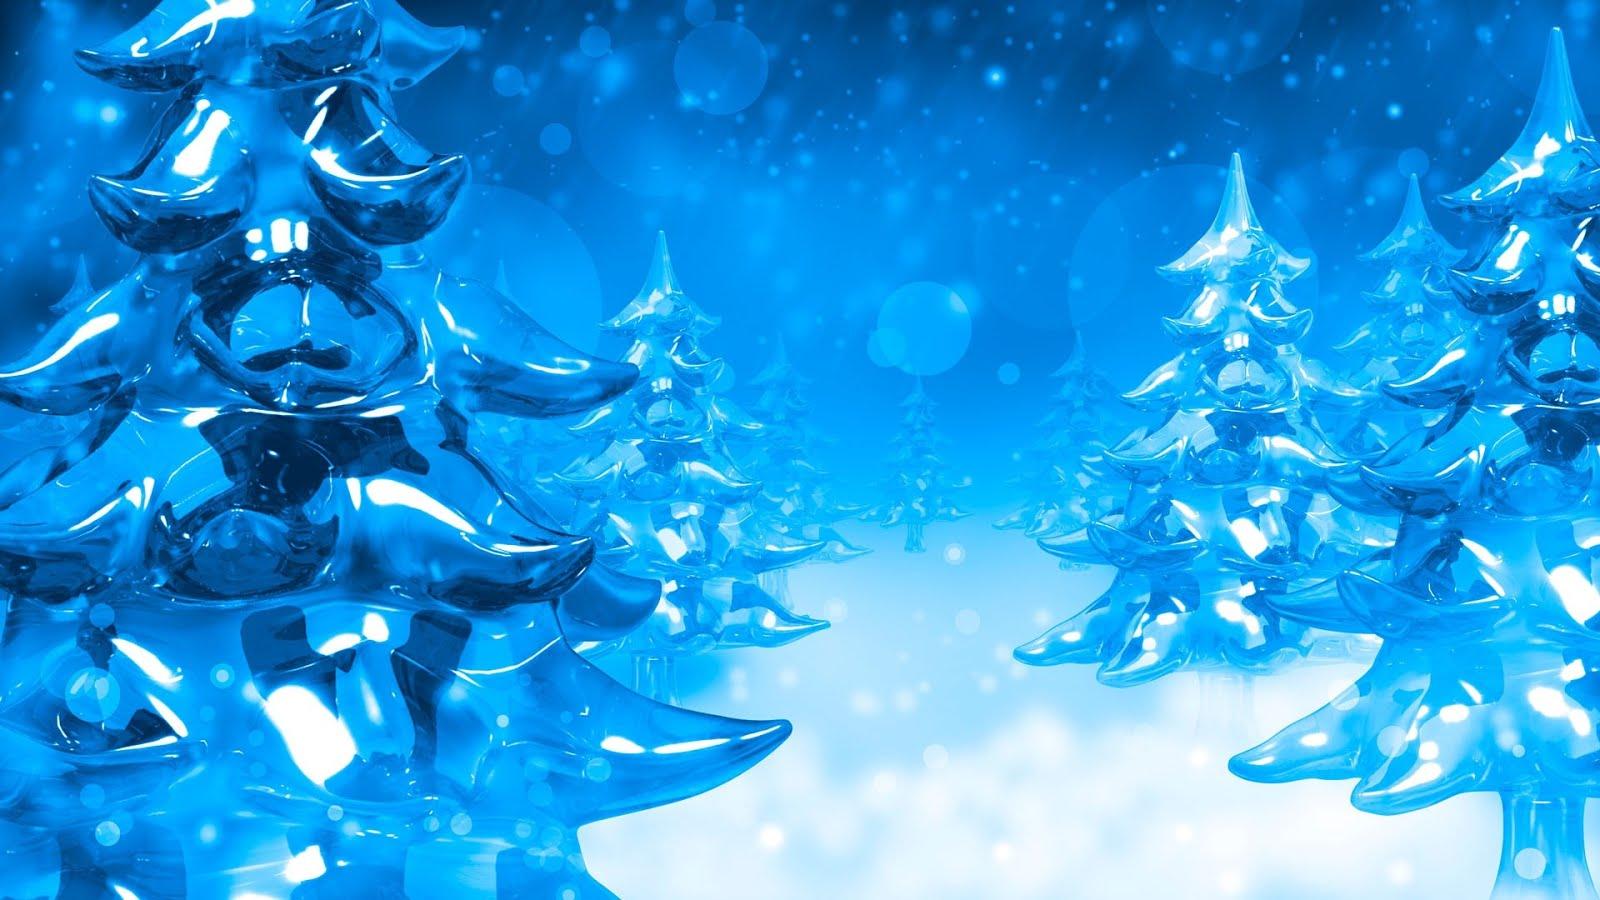 e čestitke božić plava bozicna drvca download besplatne pozadine za desktop 1920 x  e čestitke božić